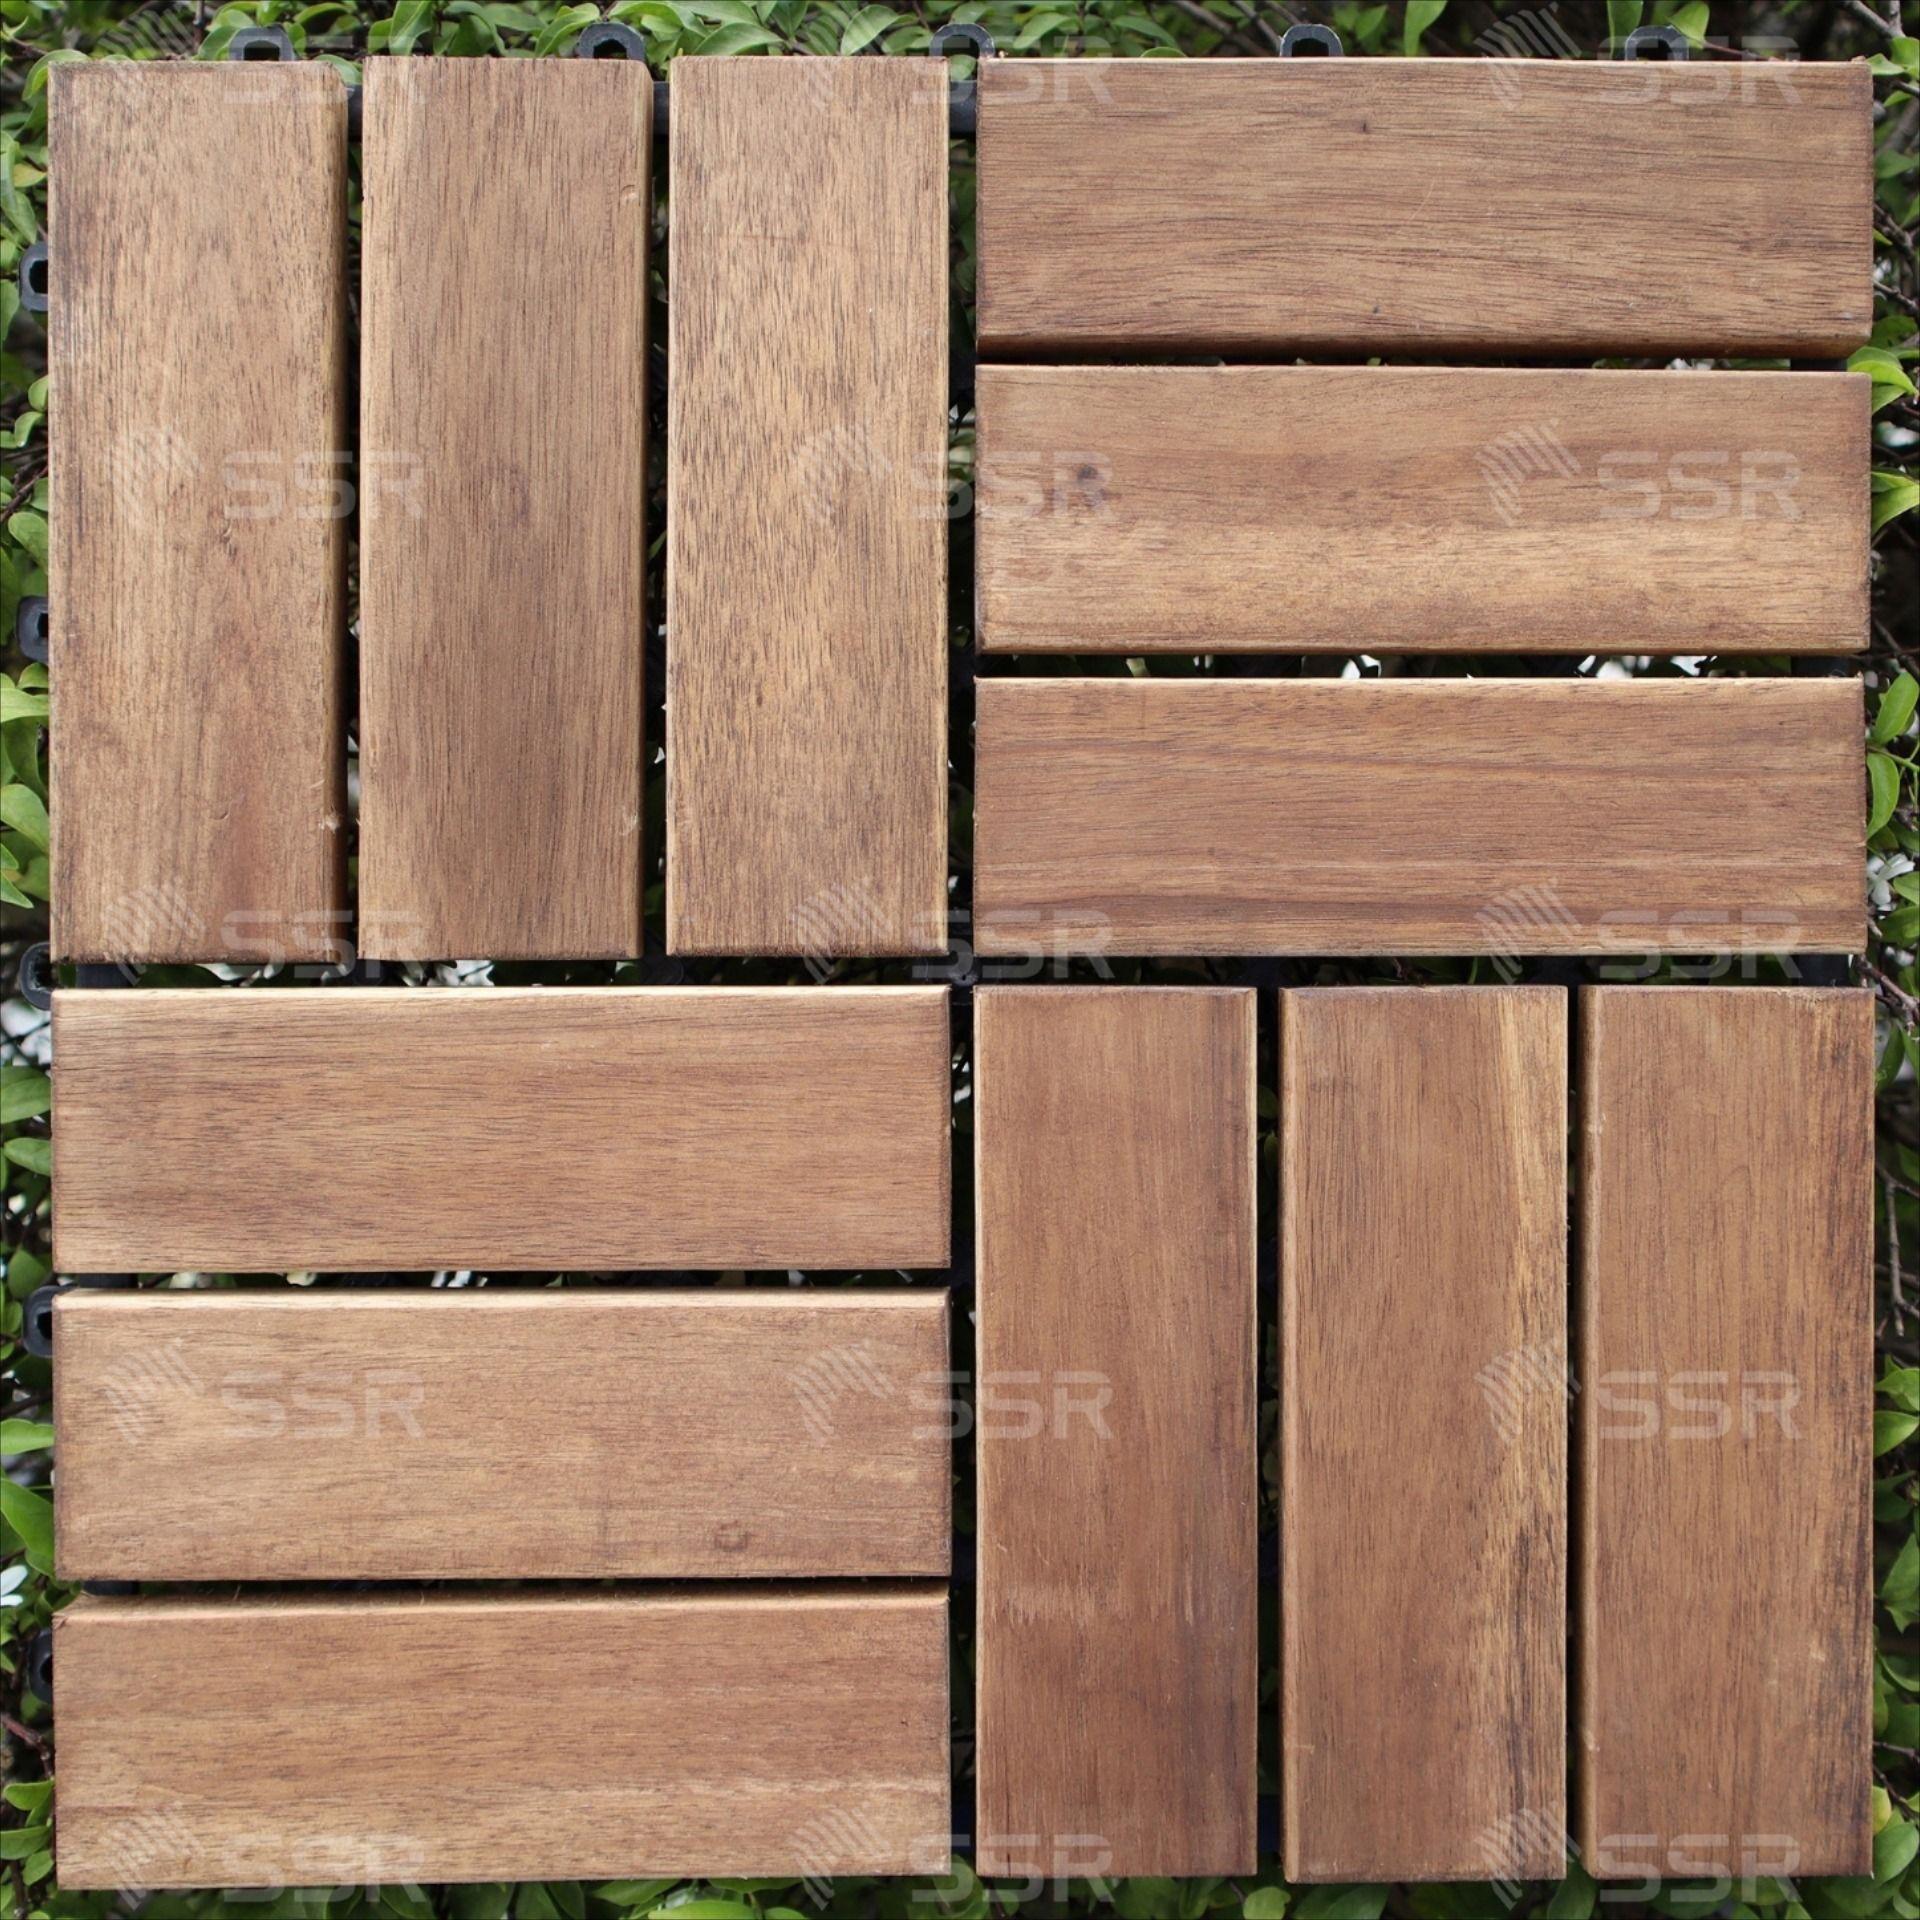 Decking Tiles 6 In 2020 Wood Deck Tile Wood Floors